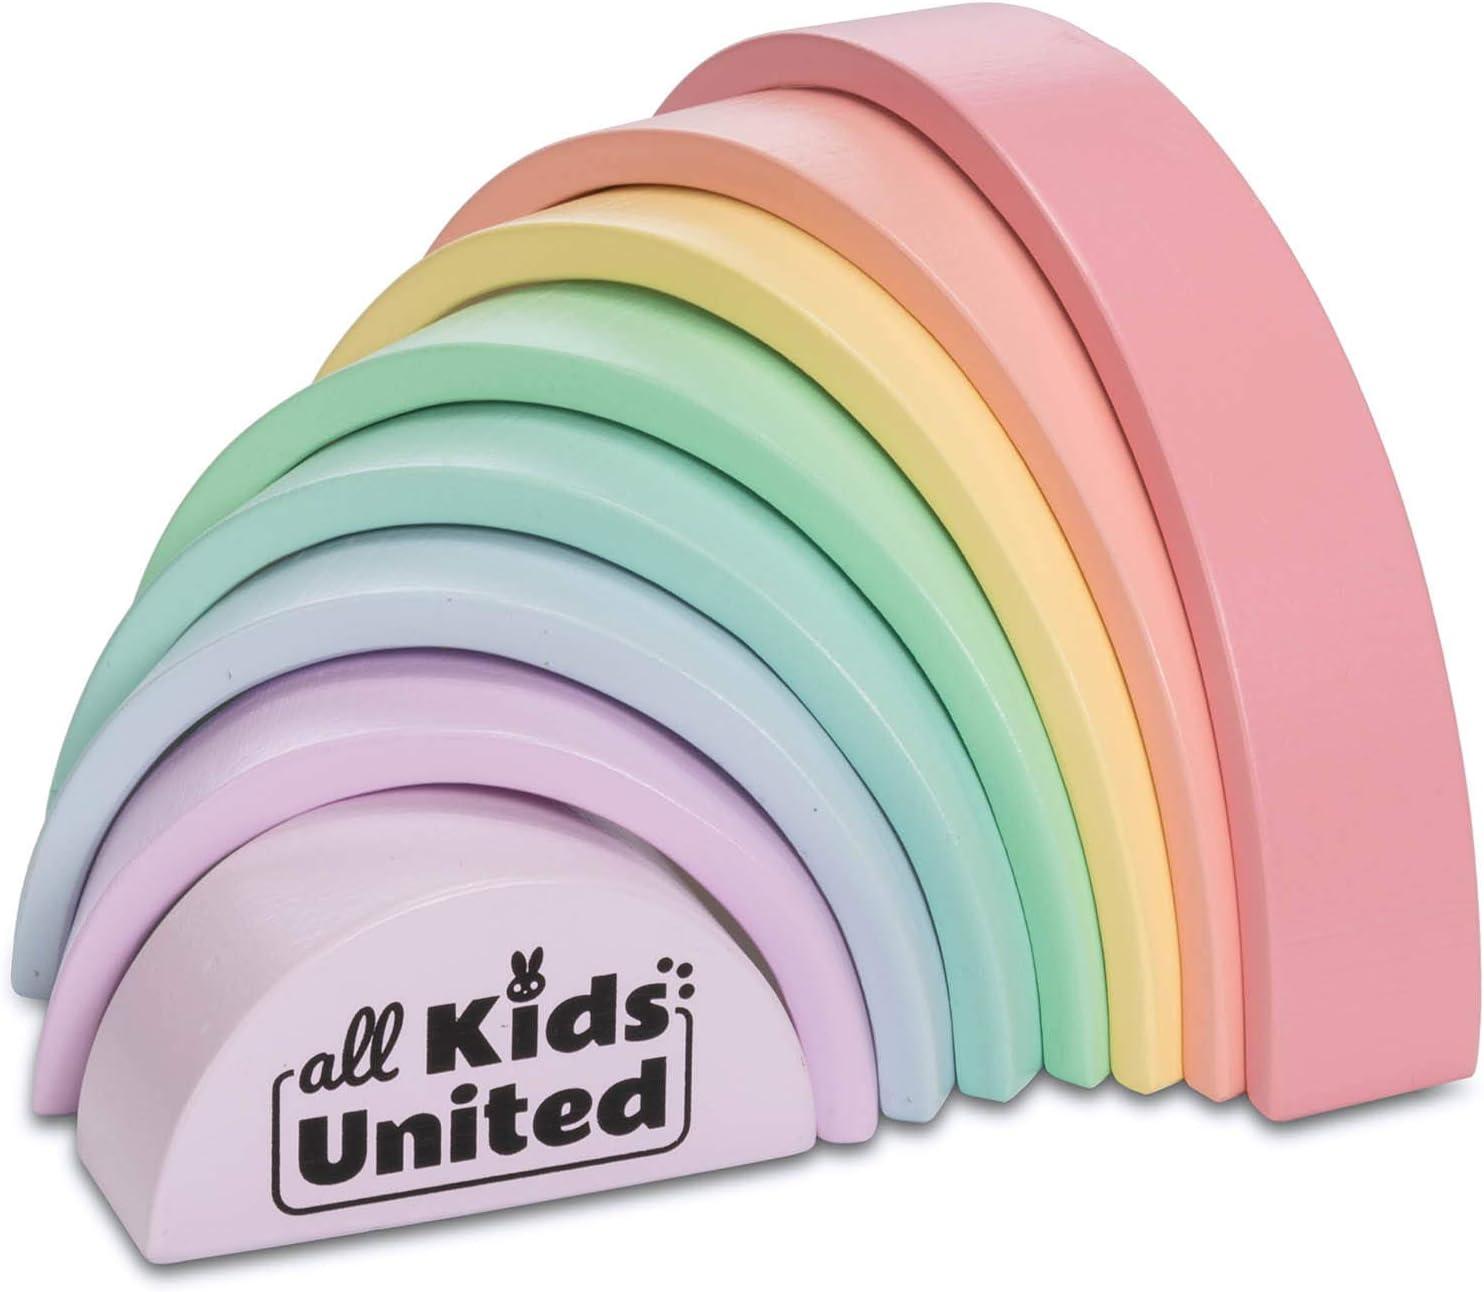 Kinder-Baby-Spielzeug aus Holz Stacking Ringturm Lernspielzeug Regenbogen-S P⑤